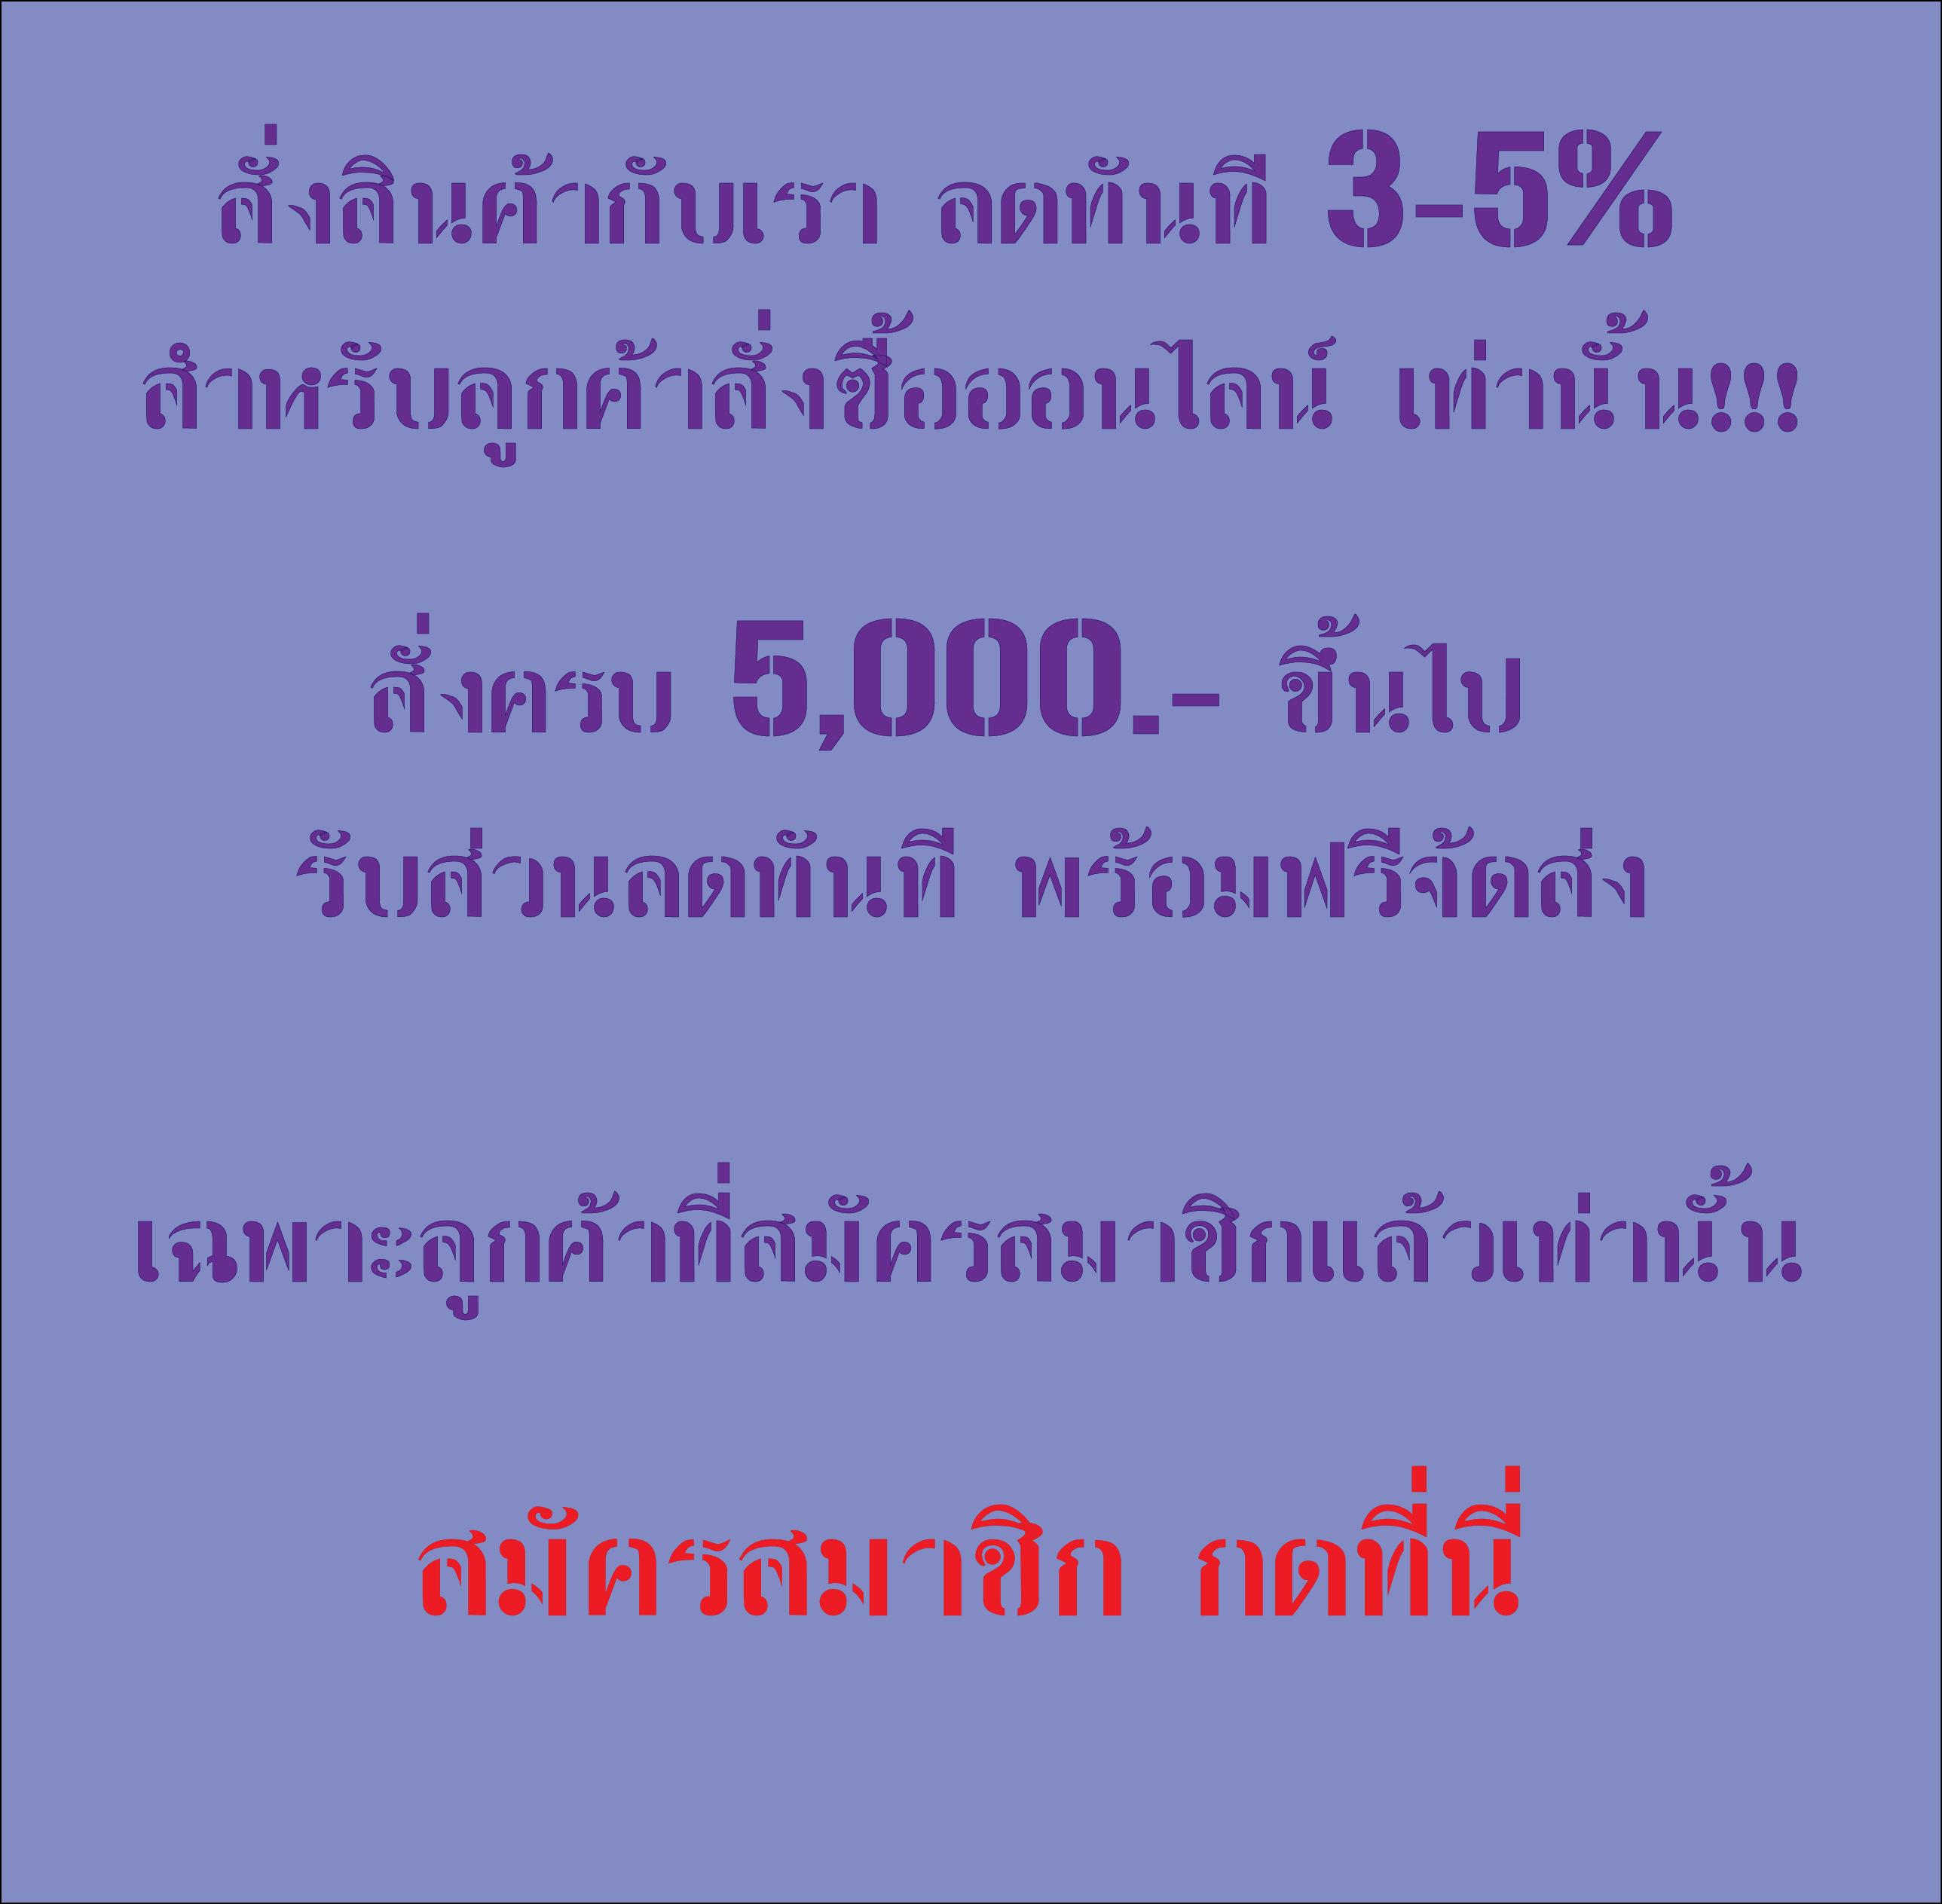 สั่งซื้อออนไลน์ ลด 3-5%